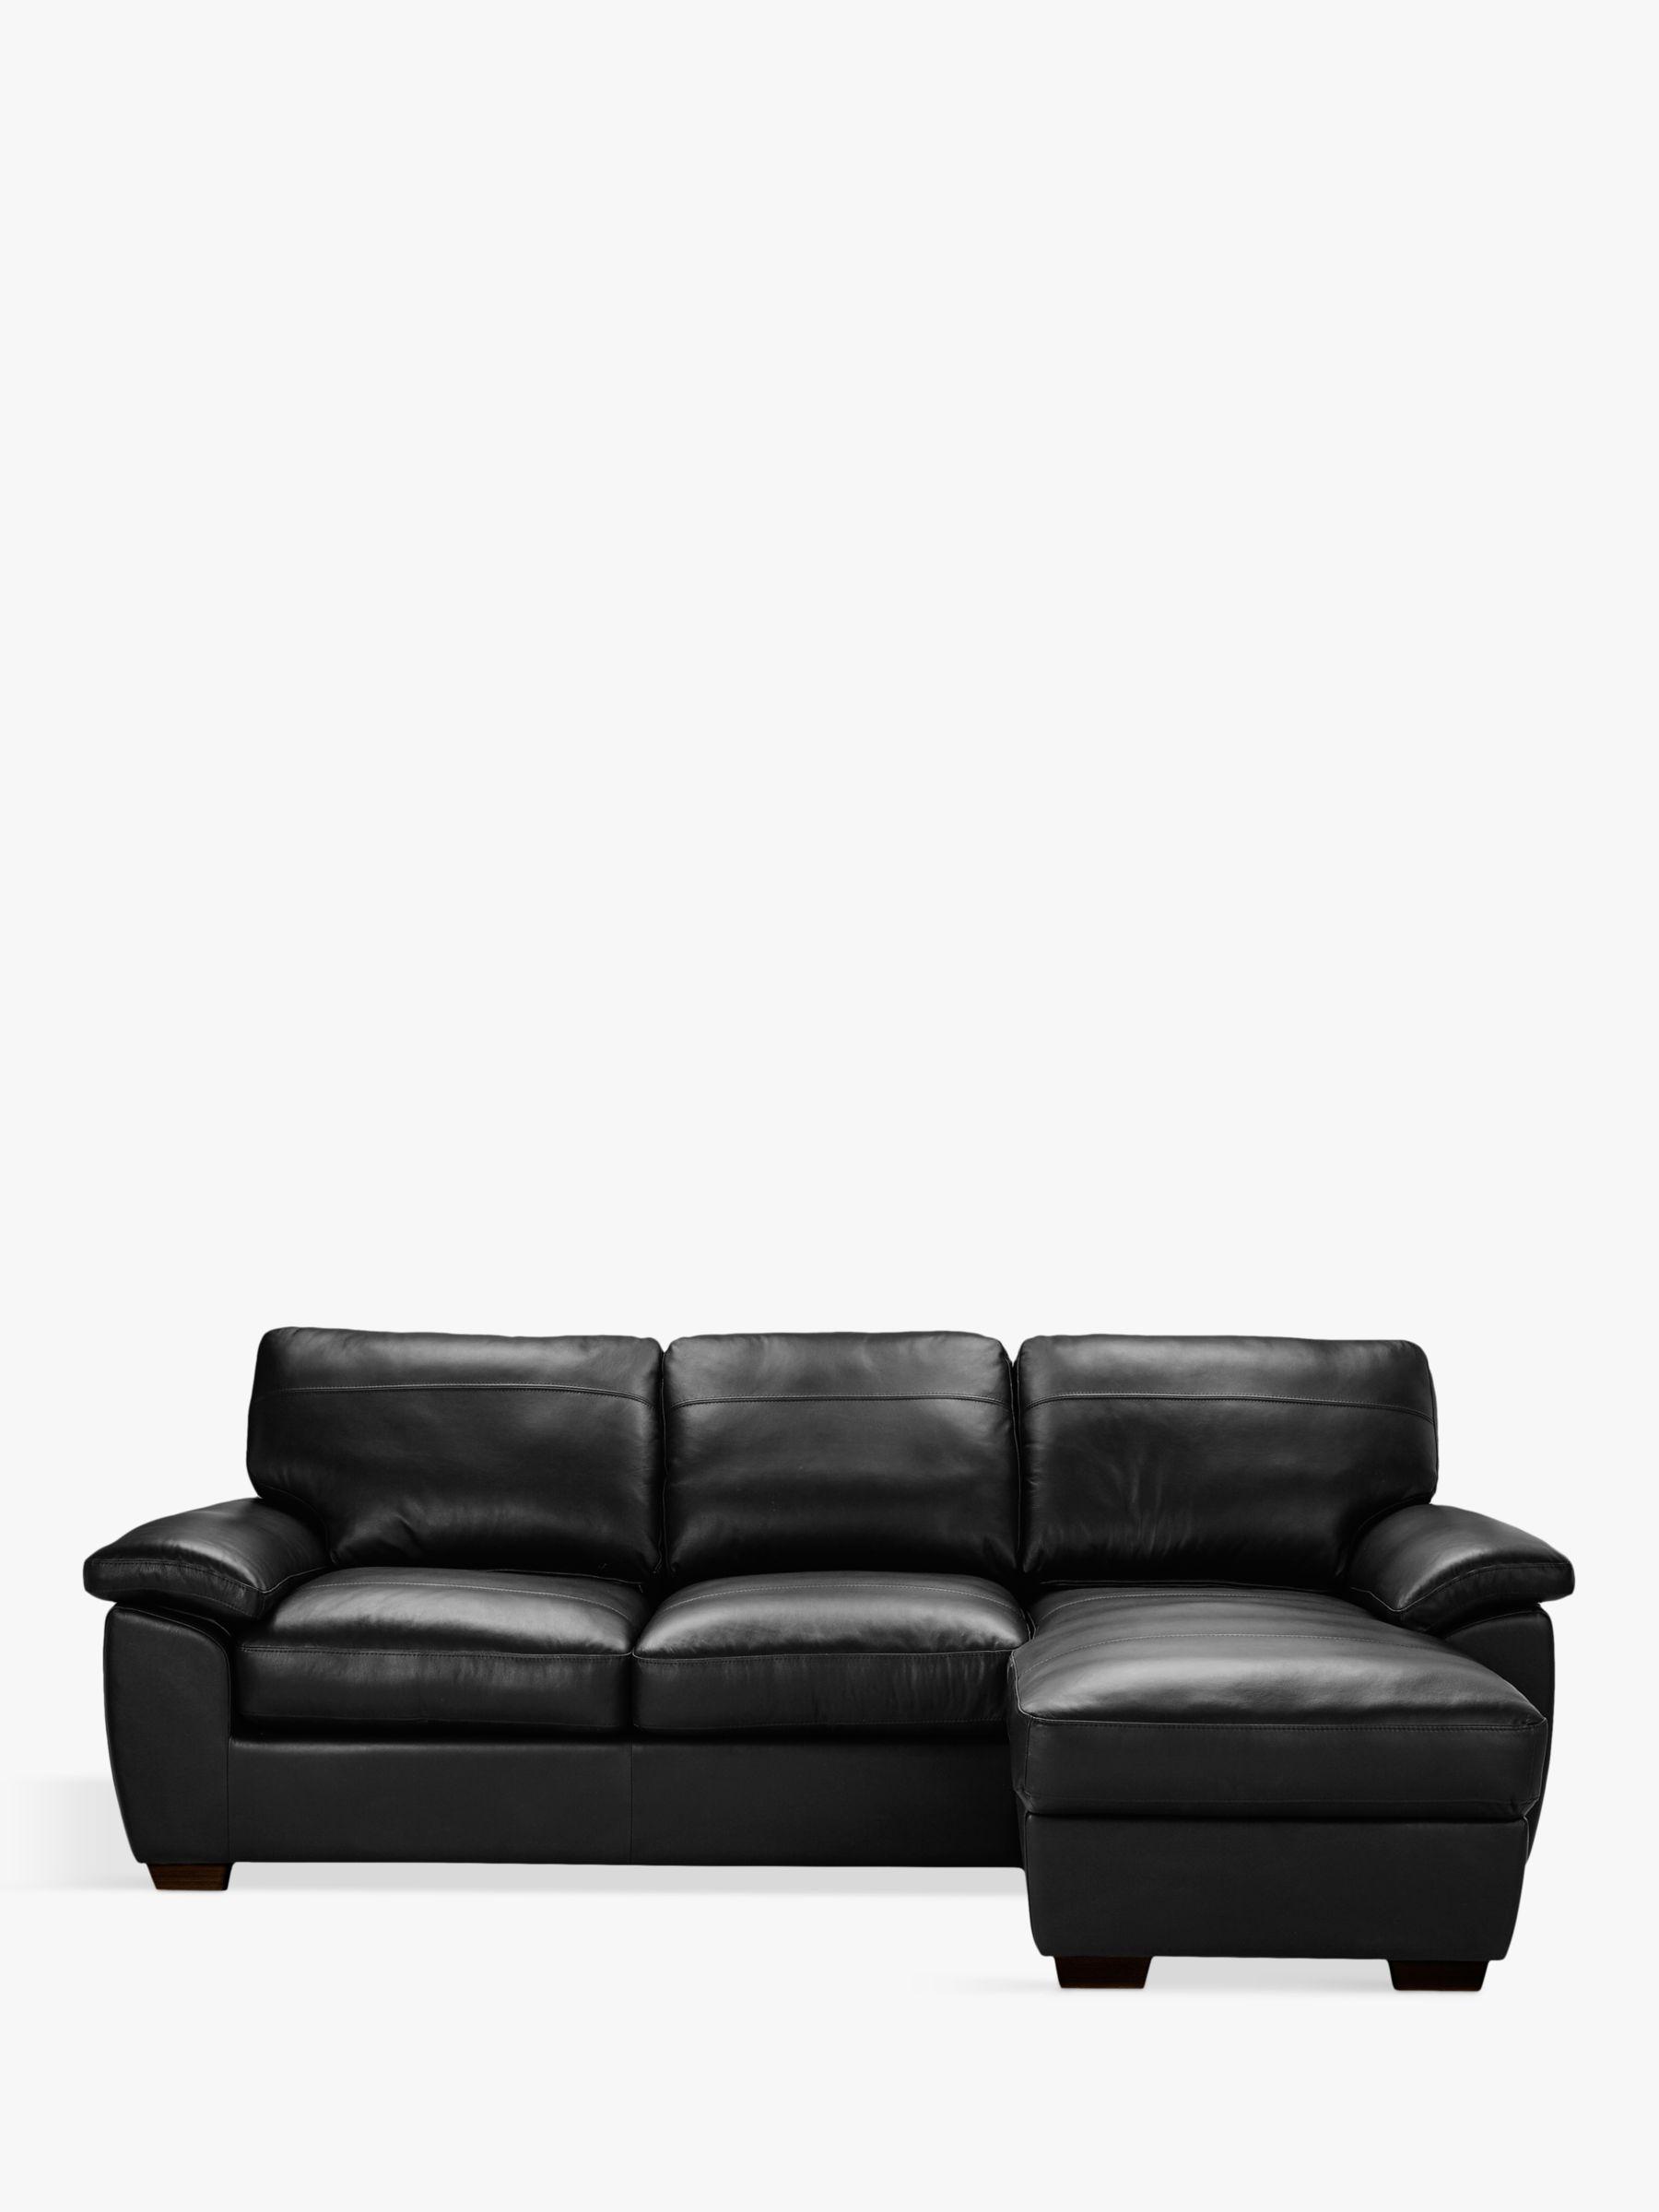 camden sofa john lewis affordable bed metro manila energywarden